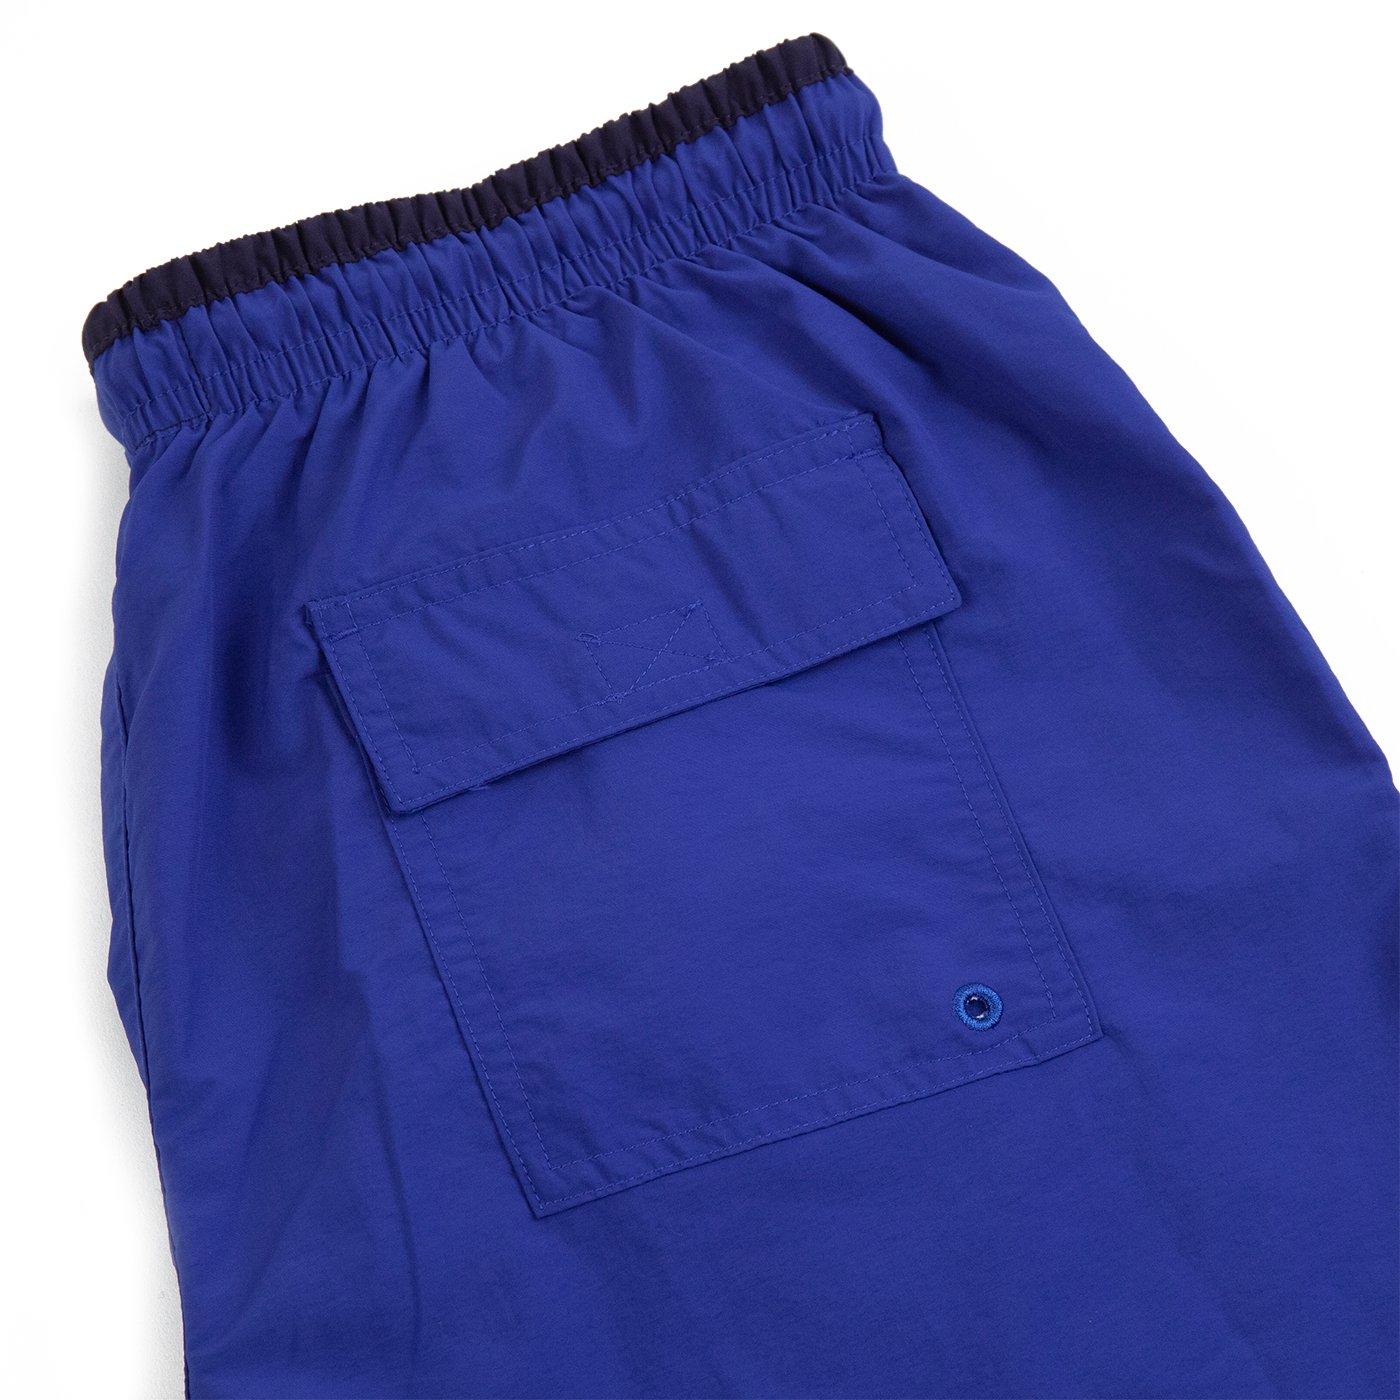 Image of S LOGO SWIM SHORTS - BLUE / NAVY